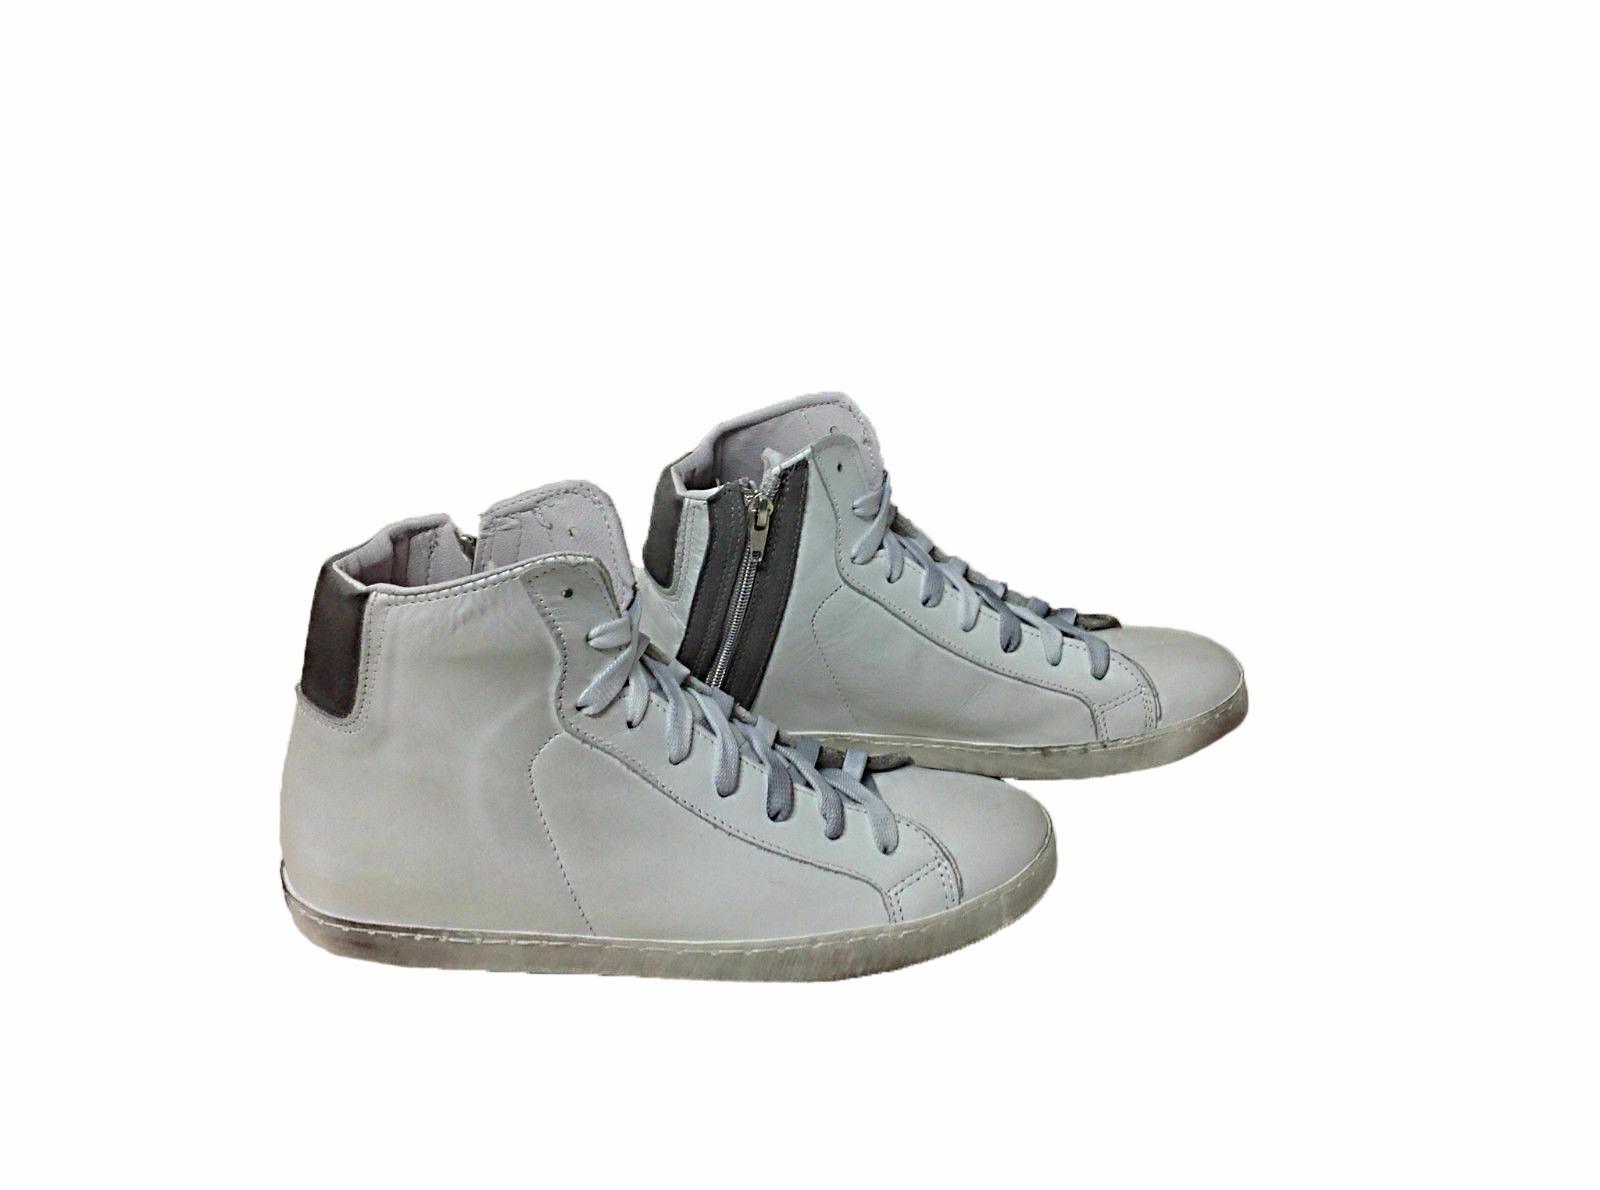 VIA CONDOTTI Scarpe Sneakers Basse Pelle Traforata Bianco Nero Stella Metal